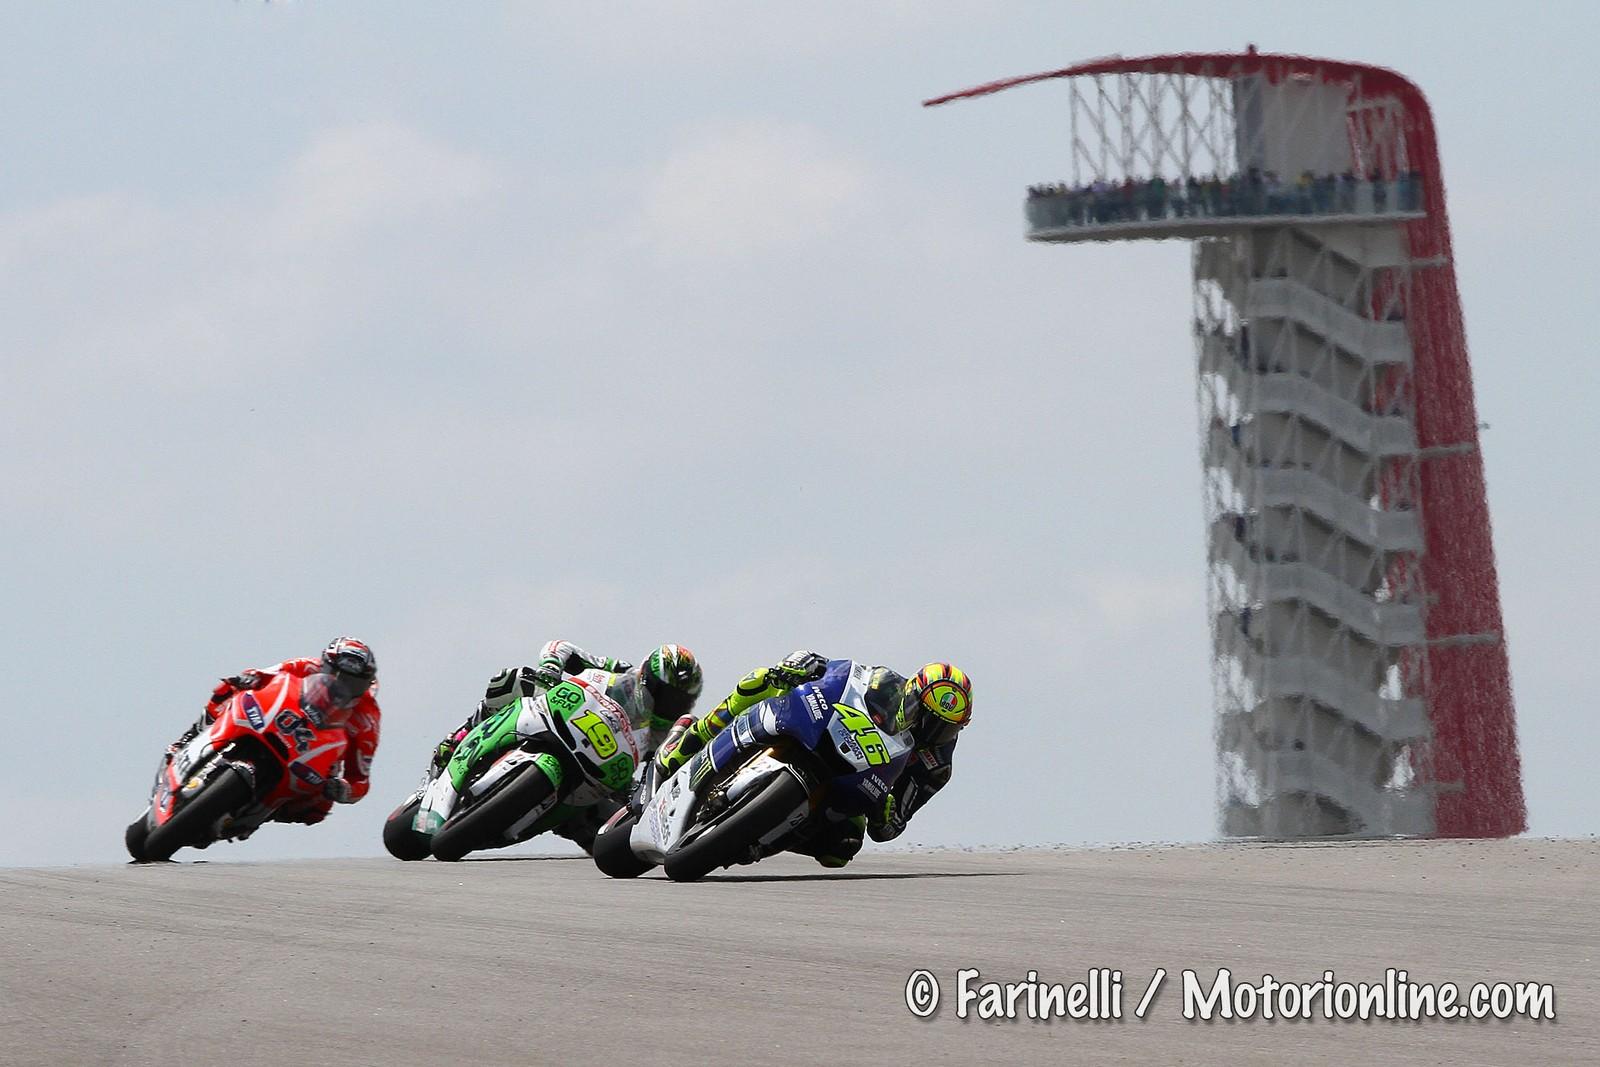 Race Motogp | MotoGP 2017 Info, Video, Points Table